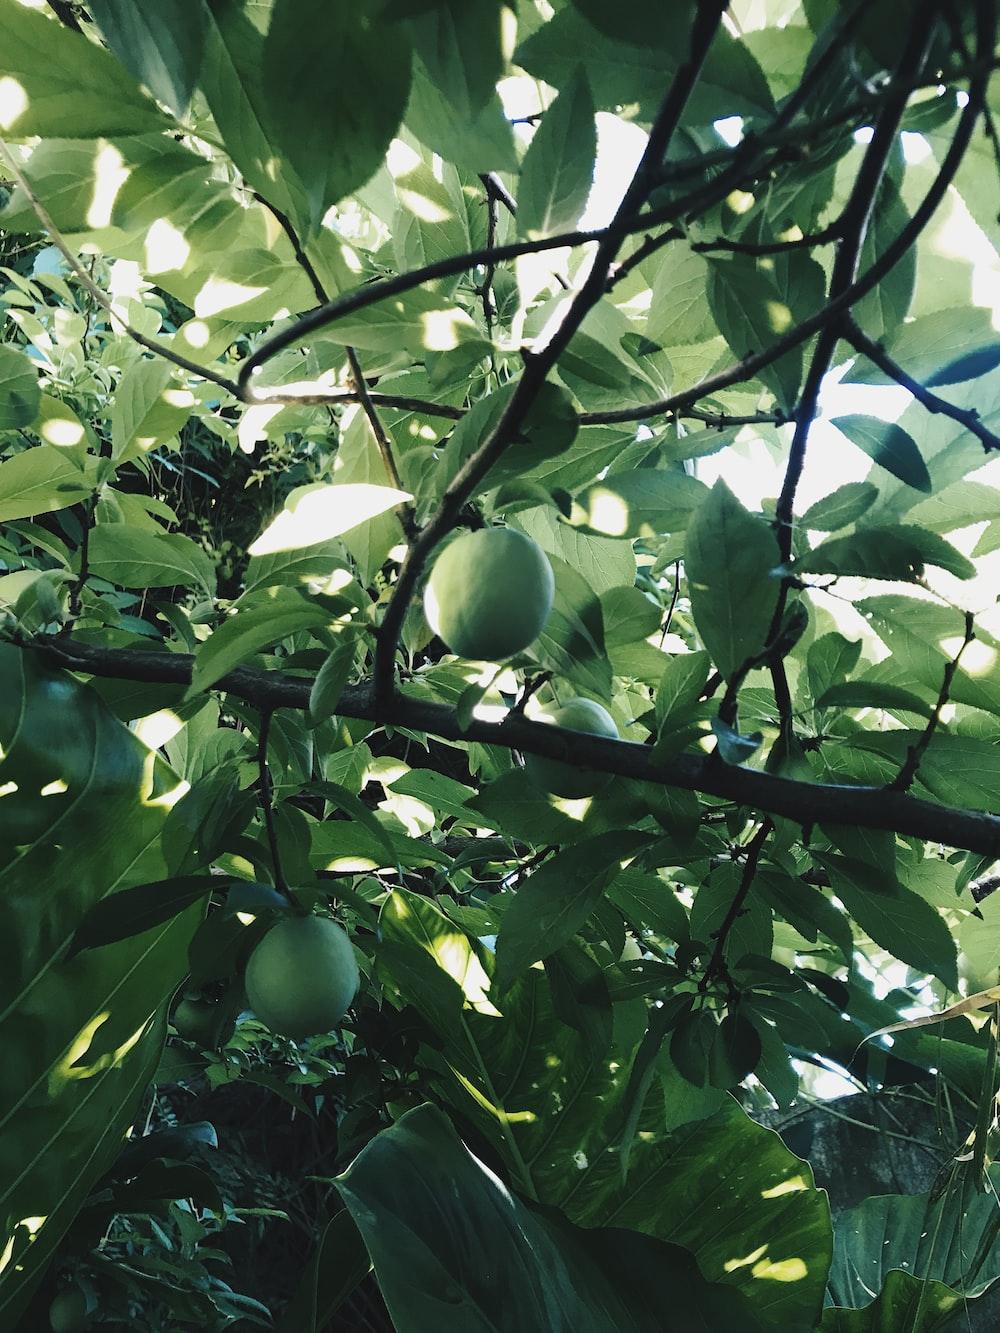 round green fruit bearing tree